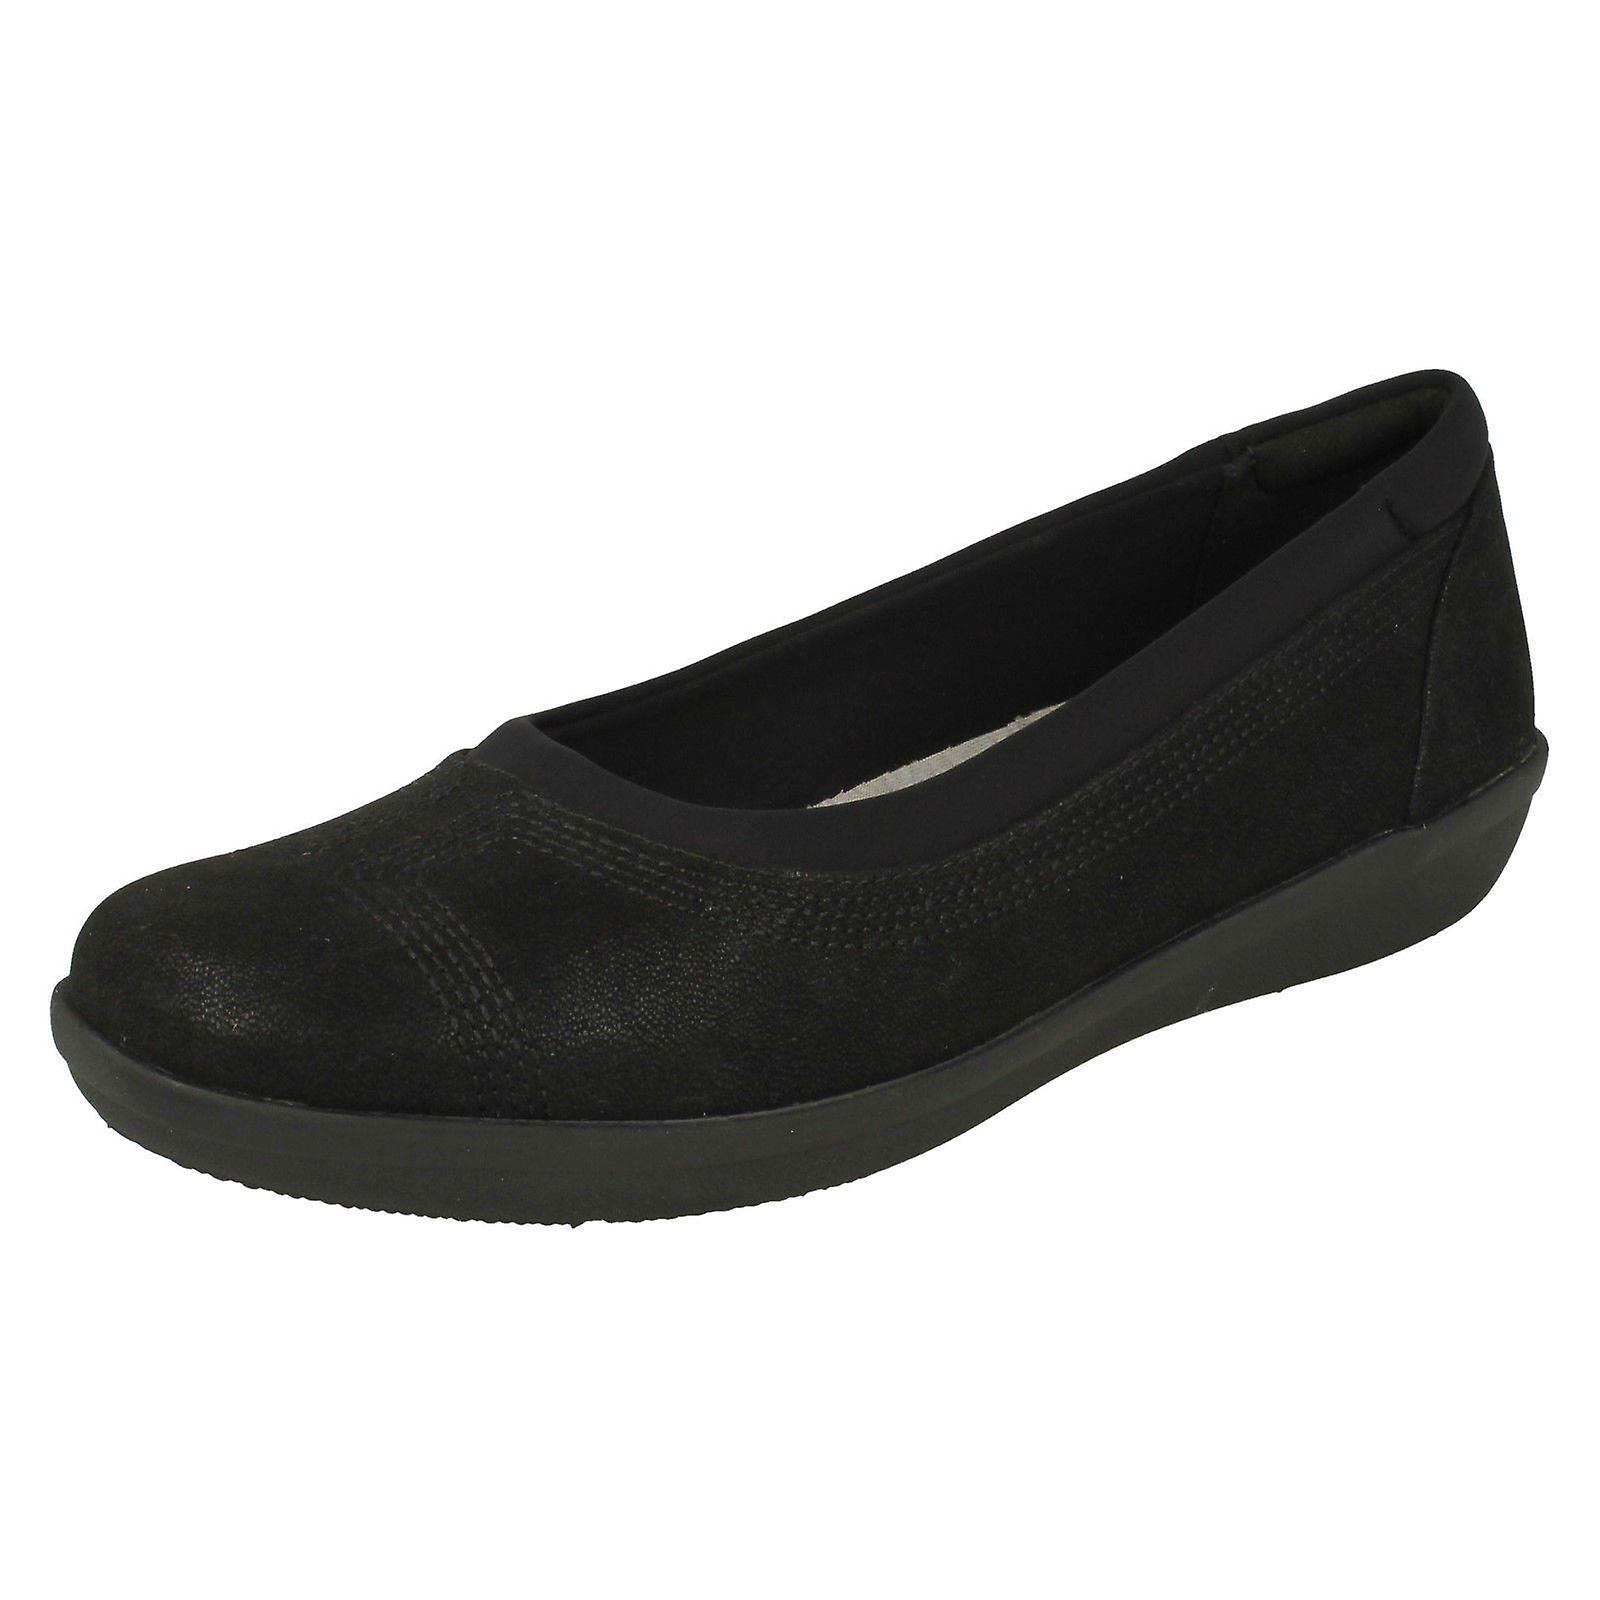 Clarks damskie w chmurze steppery płaskie buty Ayla Low G7TOr